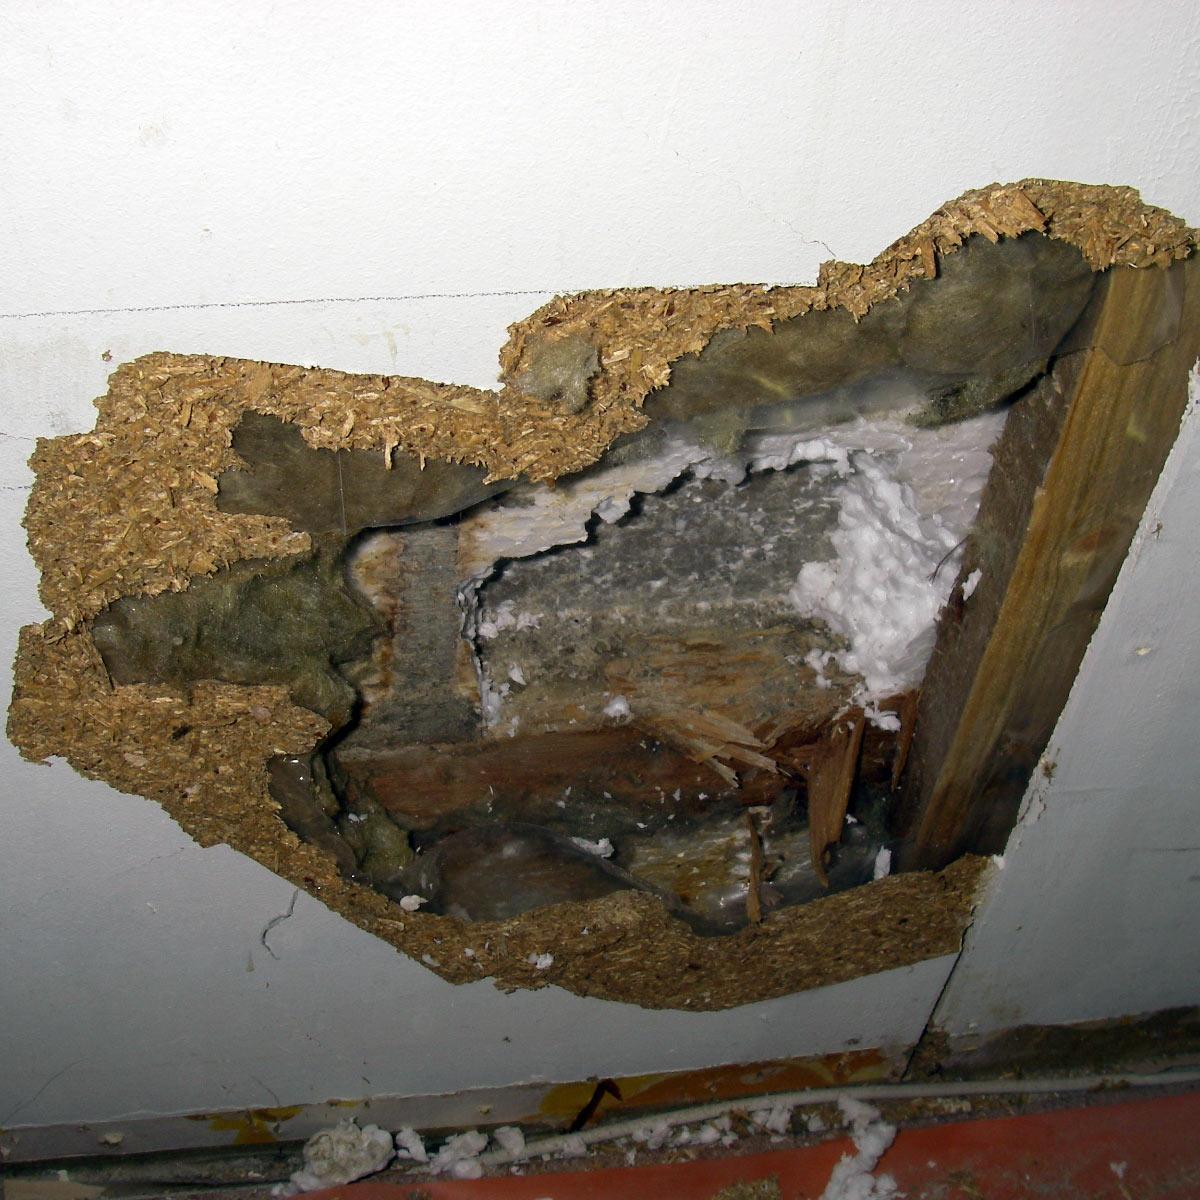 Maanvastaisen ulkoseinän rakenteet ovat kosteusvaurioituneet.